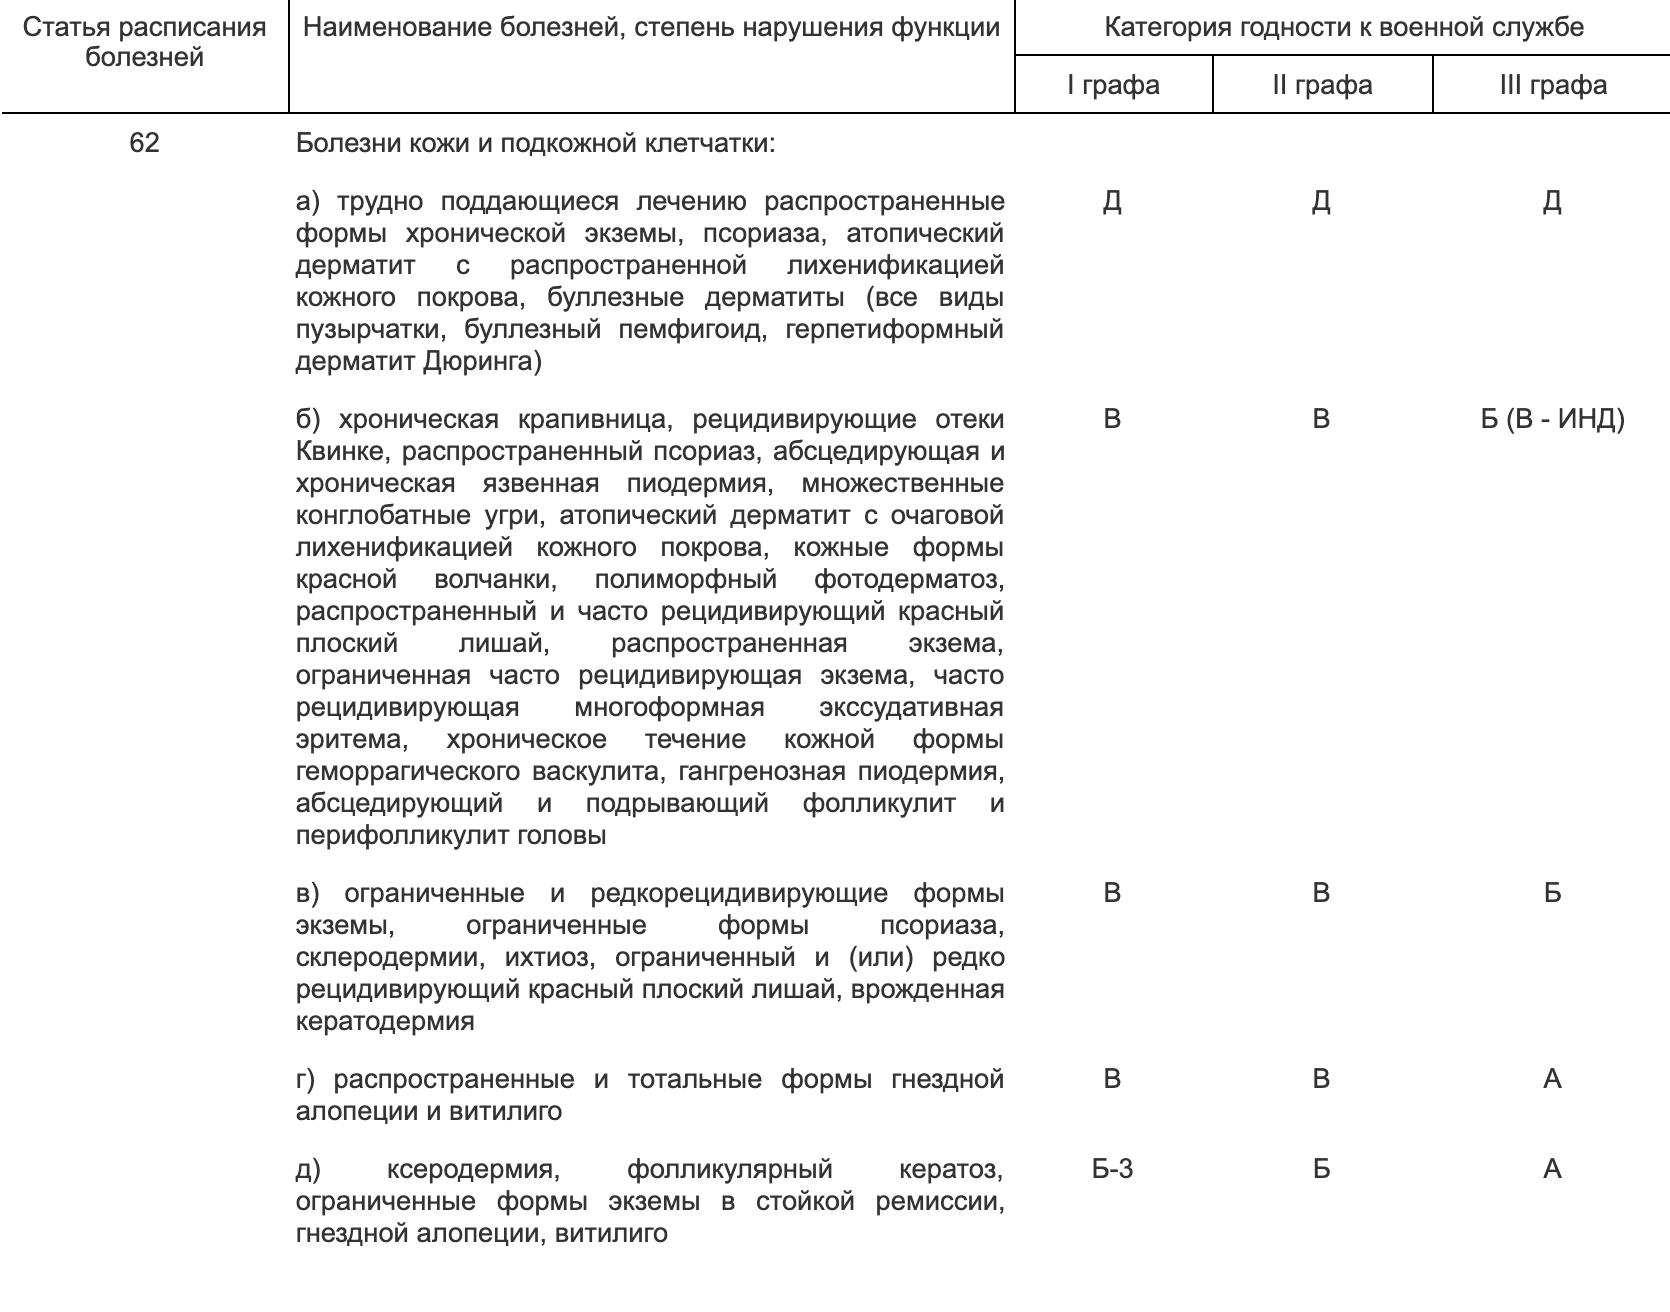 Статья 62 Расписания болезней, под{amp}amp;nbsp;которую попадает мой атопический дерматит